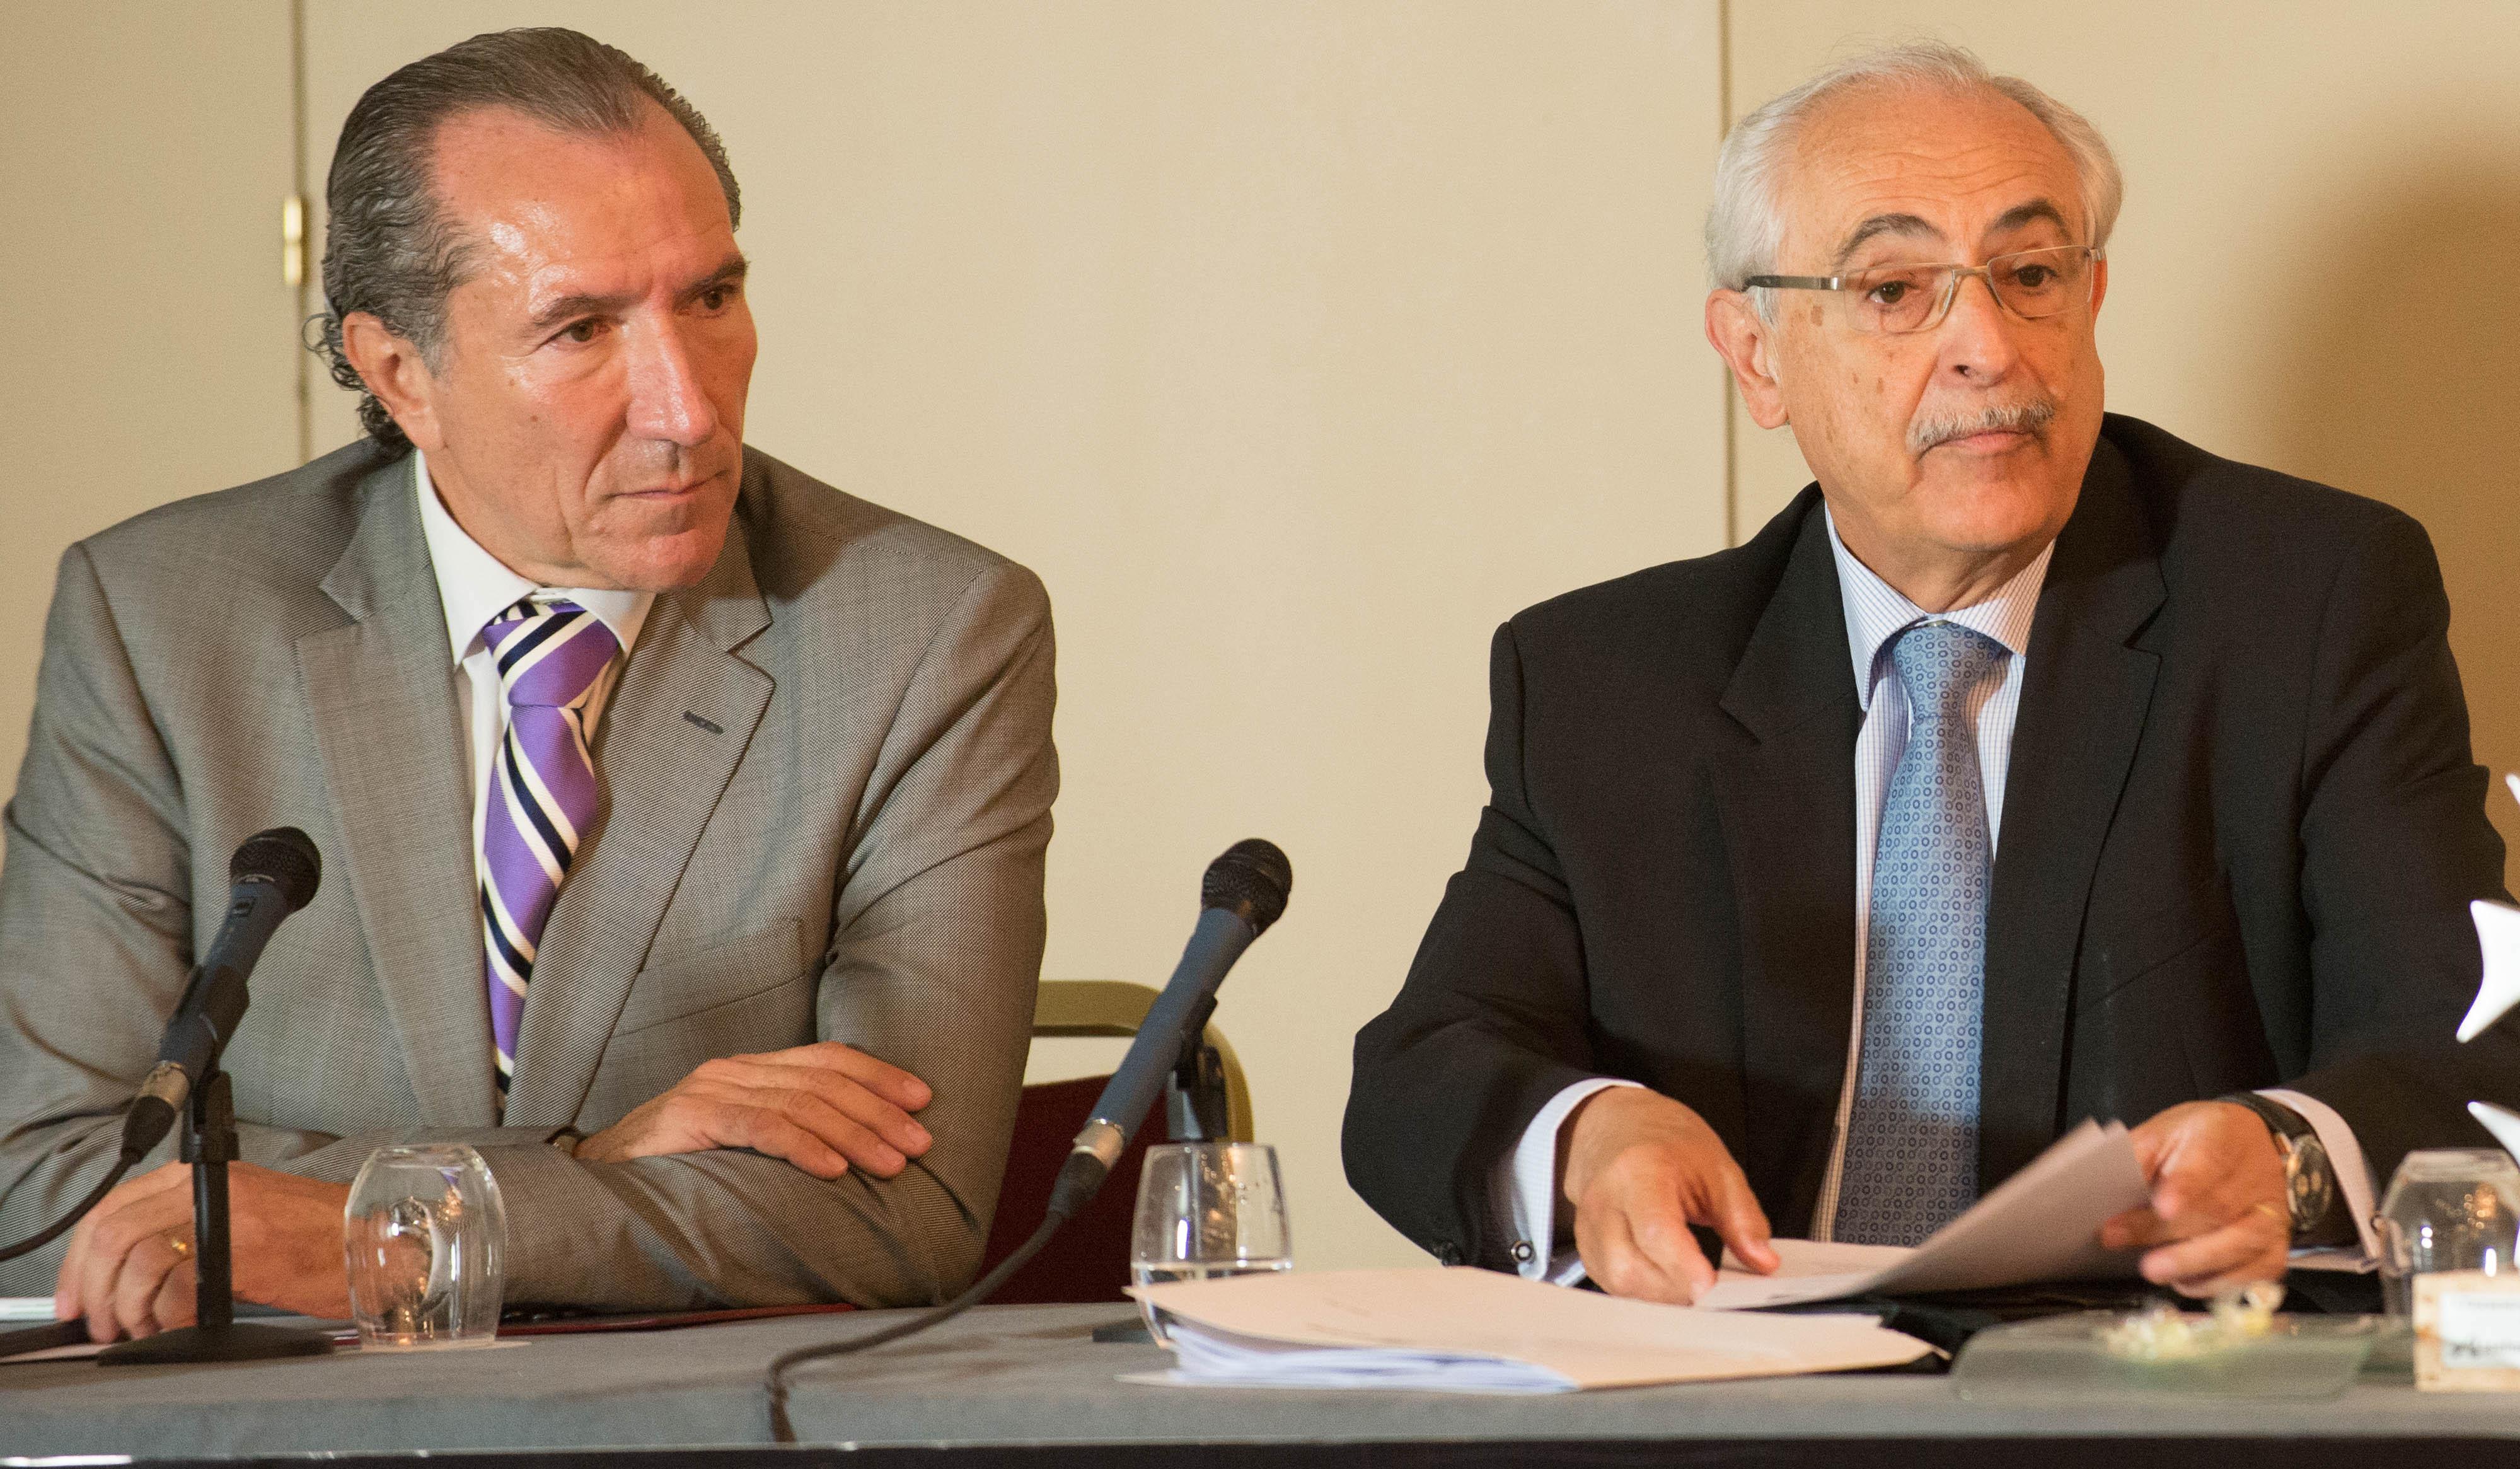 Juan José Potti, presidente de ASEFMA, y José Trigueros, Director General de Carreteras de la Comunidad de Madrid, durante la inauguración de la XI Jornada Nacional de ASEFMA.